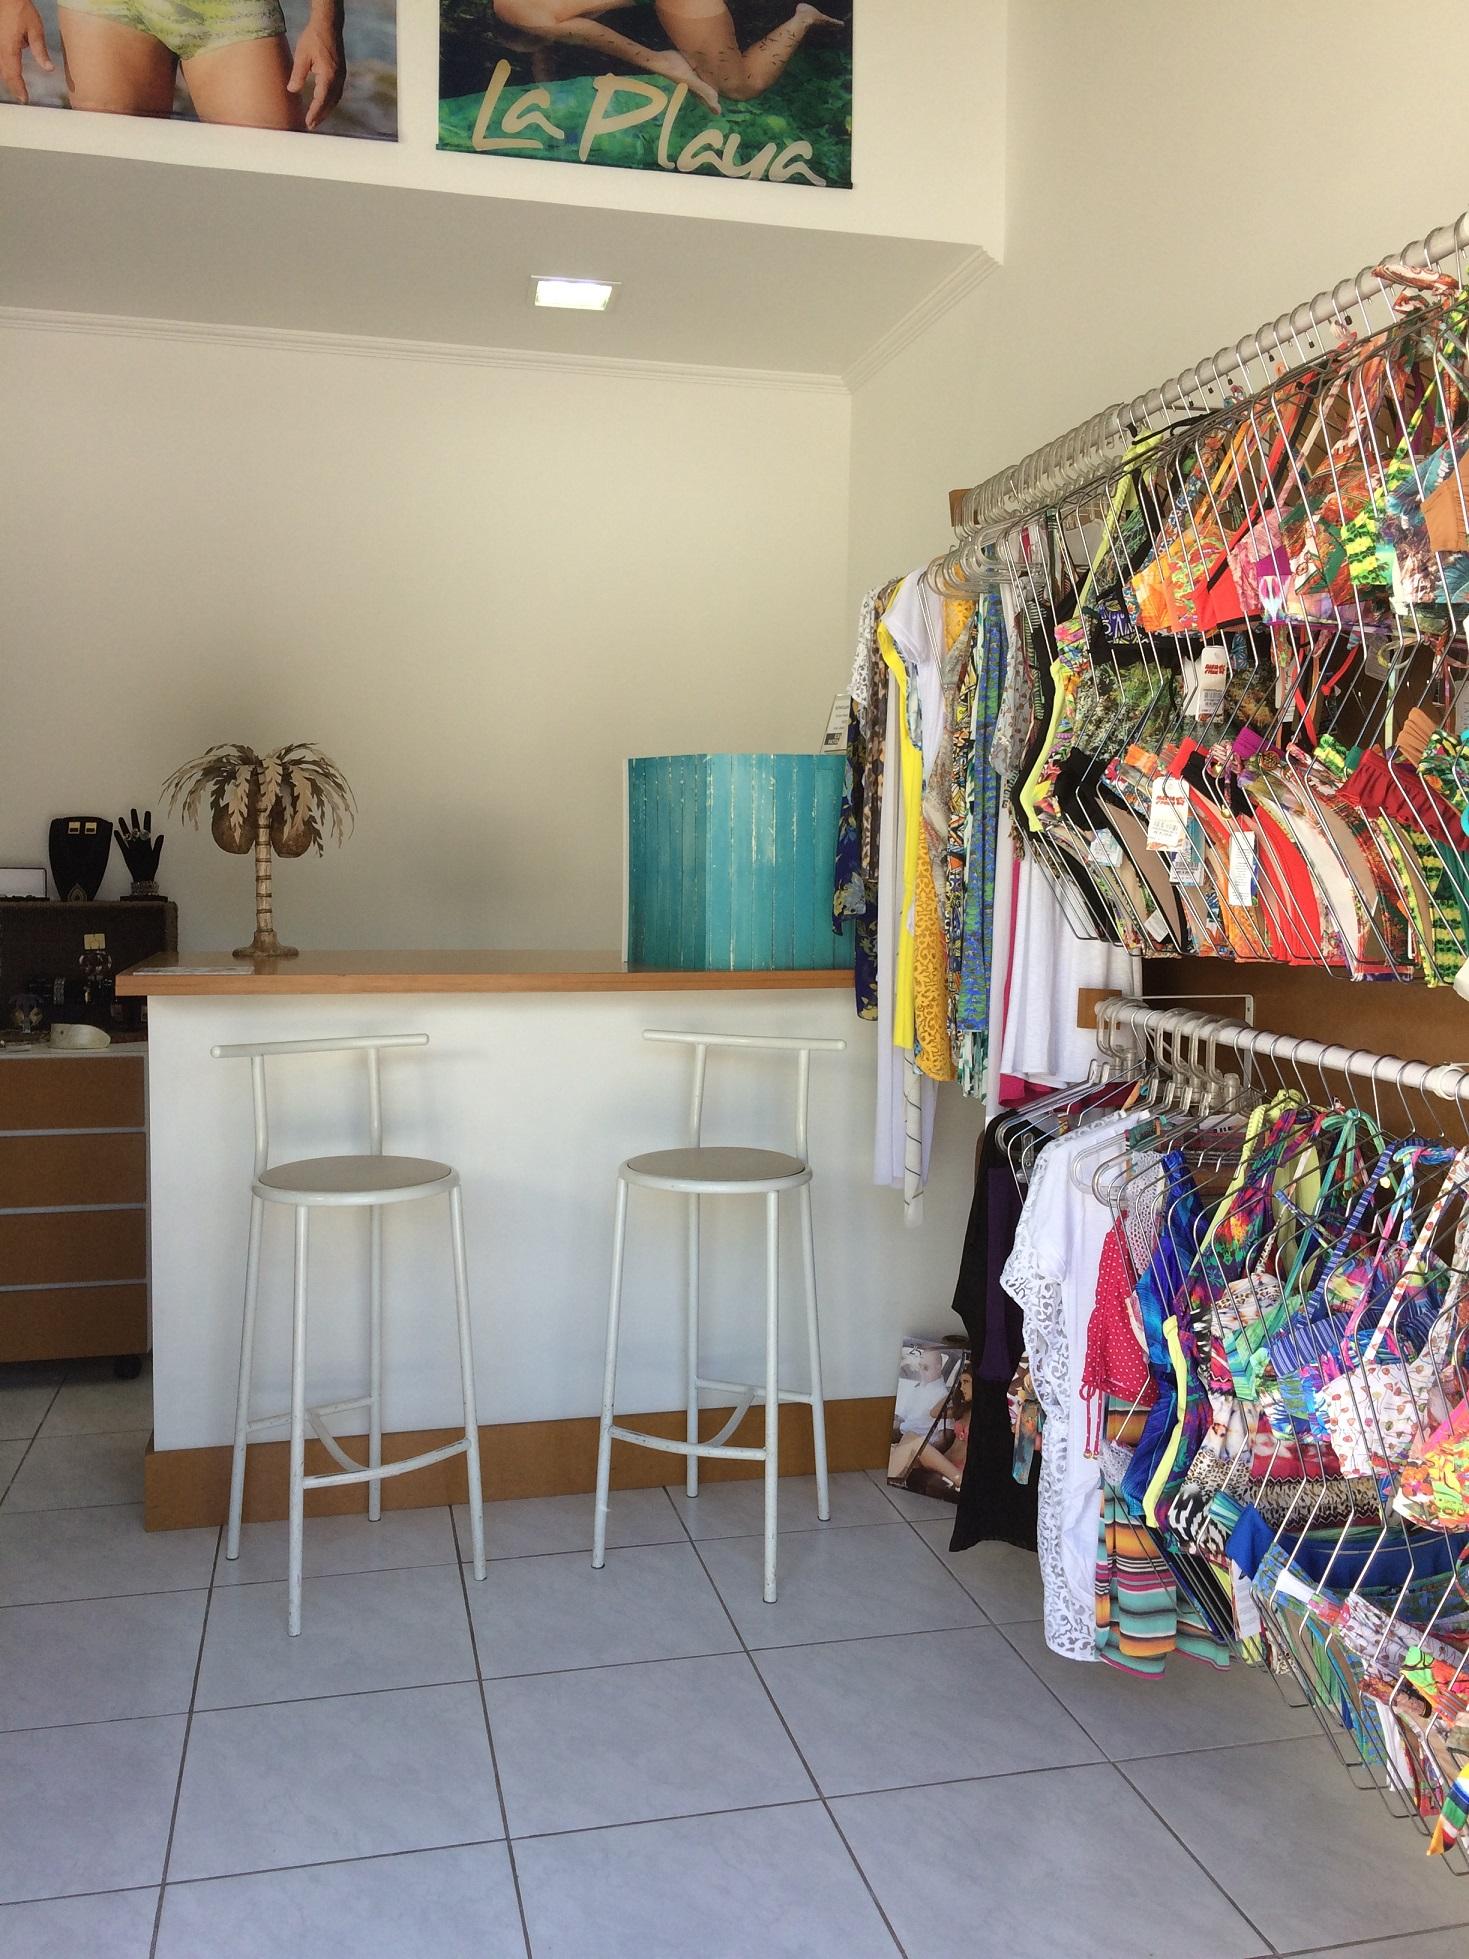 713af2813a90f Vende-se Loja de Roupas Femininas em Jundiaí - SP - Salles Imóveis ...